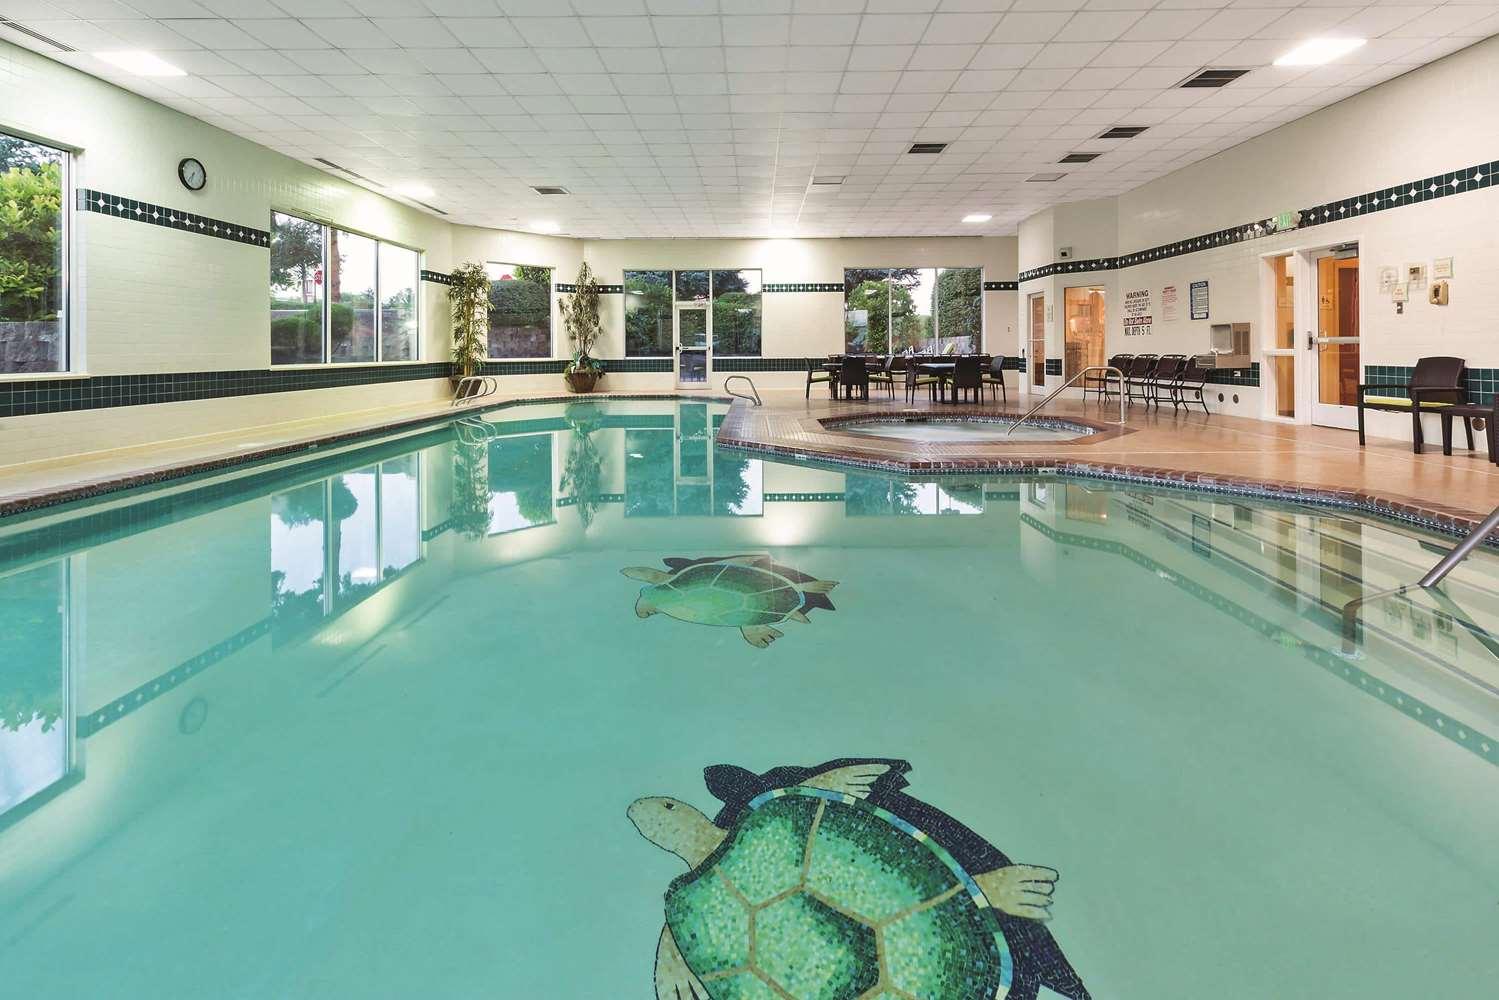 Pool - La Quinta Inn & Suites Towne Square Boise